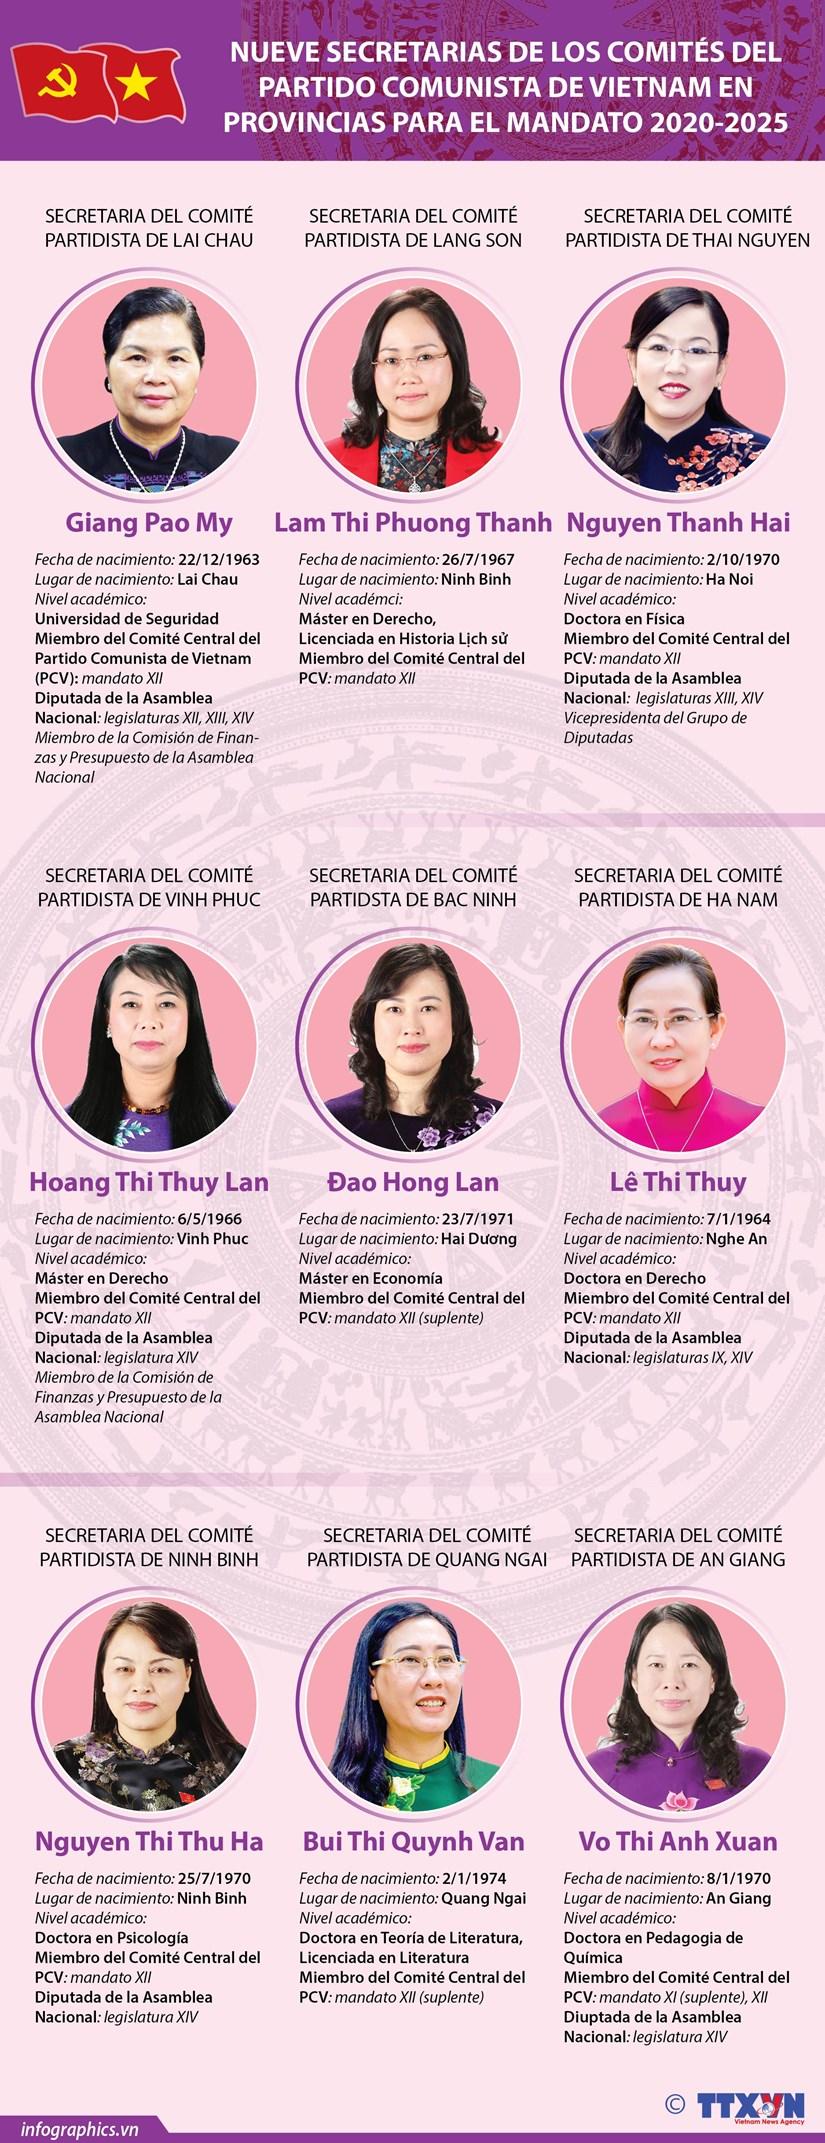 Nueve secretarias de los comites del Partido Comunista de Vietnam en provincias para el mandato 2020-2025 hinh anh 1